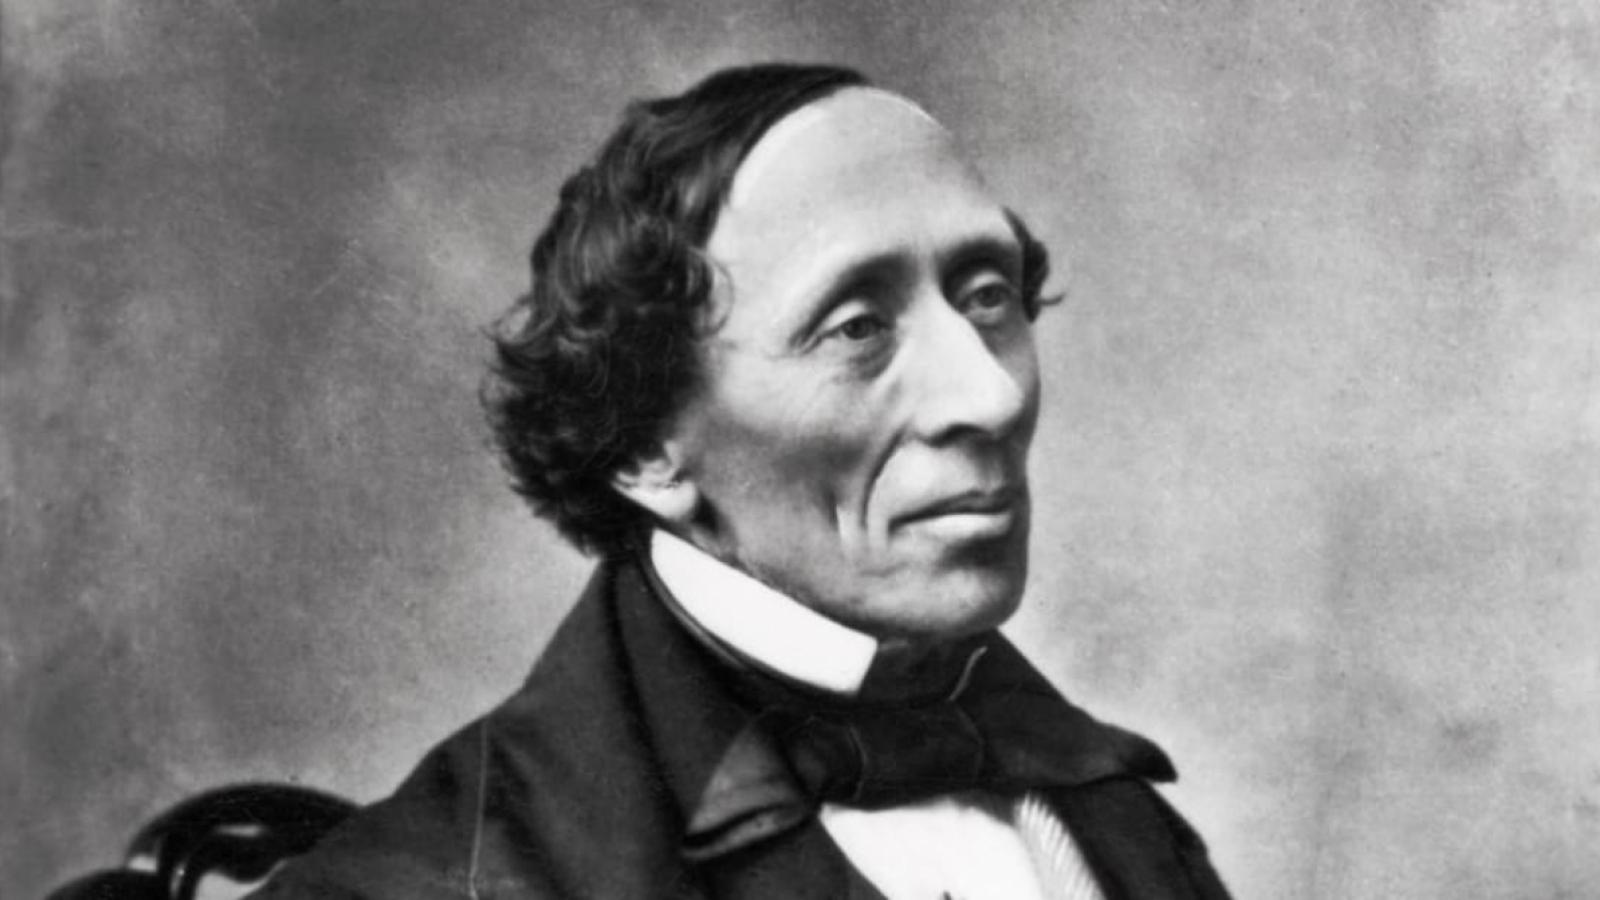 """5 sự thật kỳ lạ về """"ông vua truyện thiếu nhi"""" Hans Christian Andersen"""